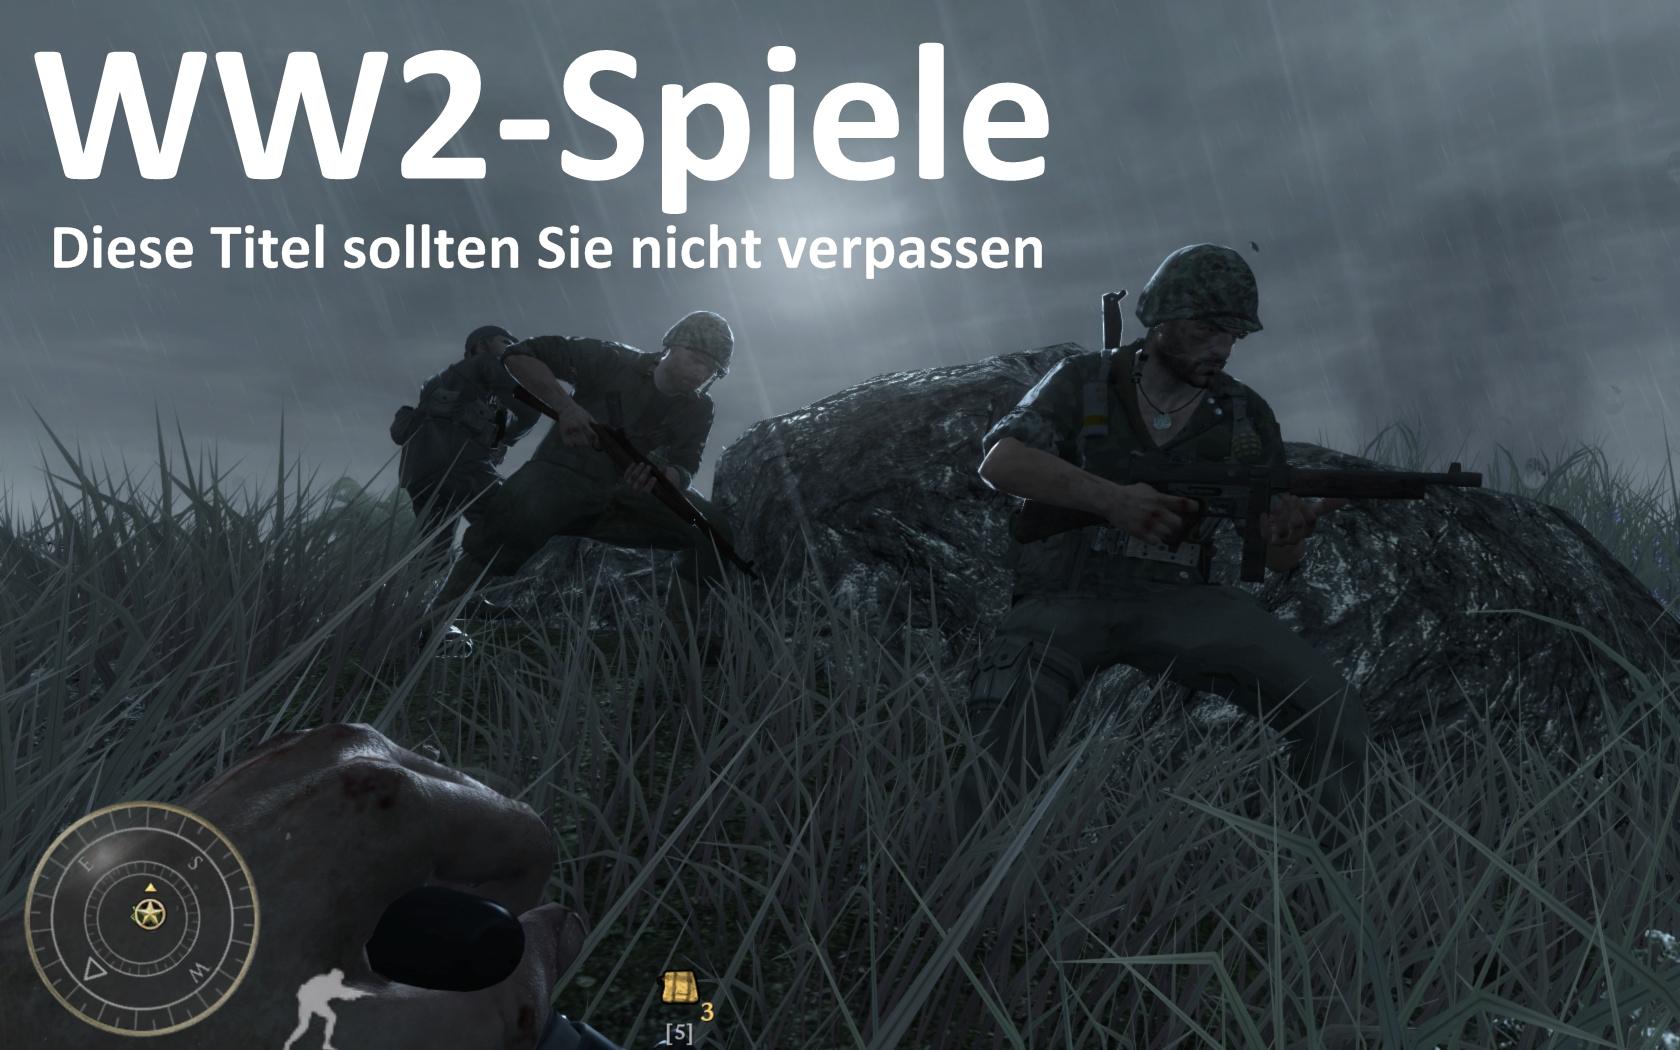 Weltkrieg Spiele